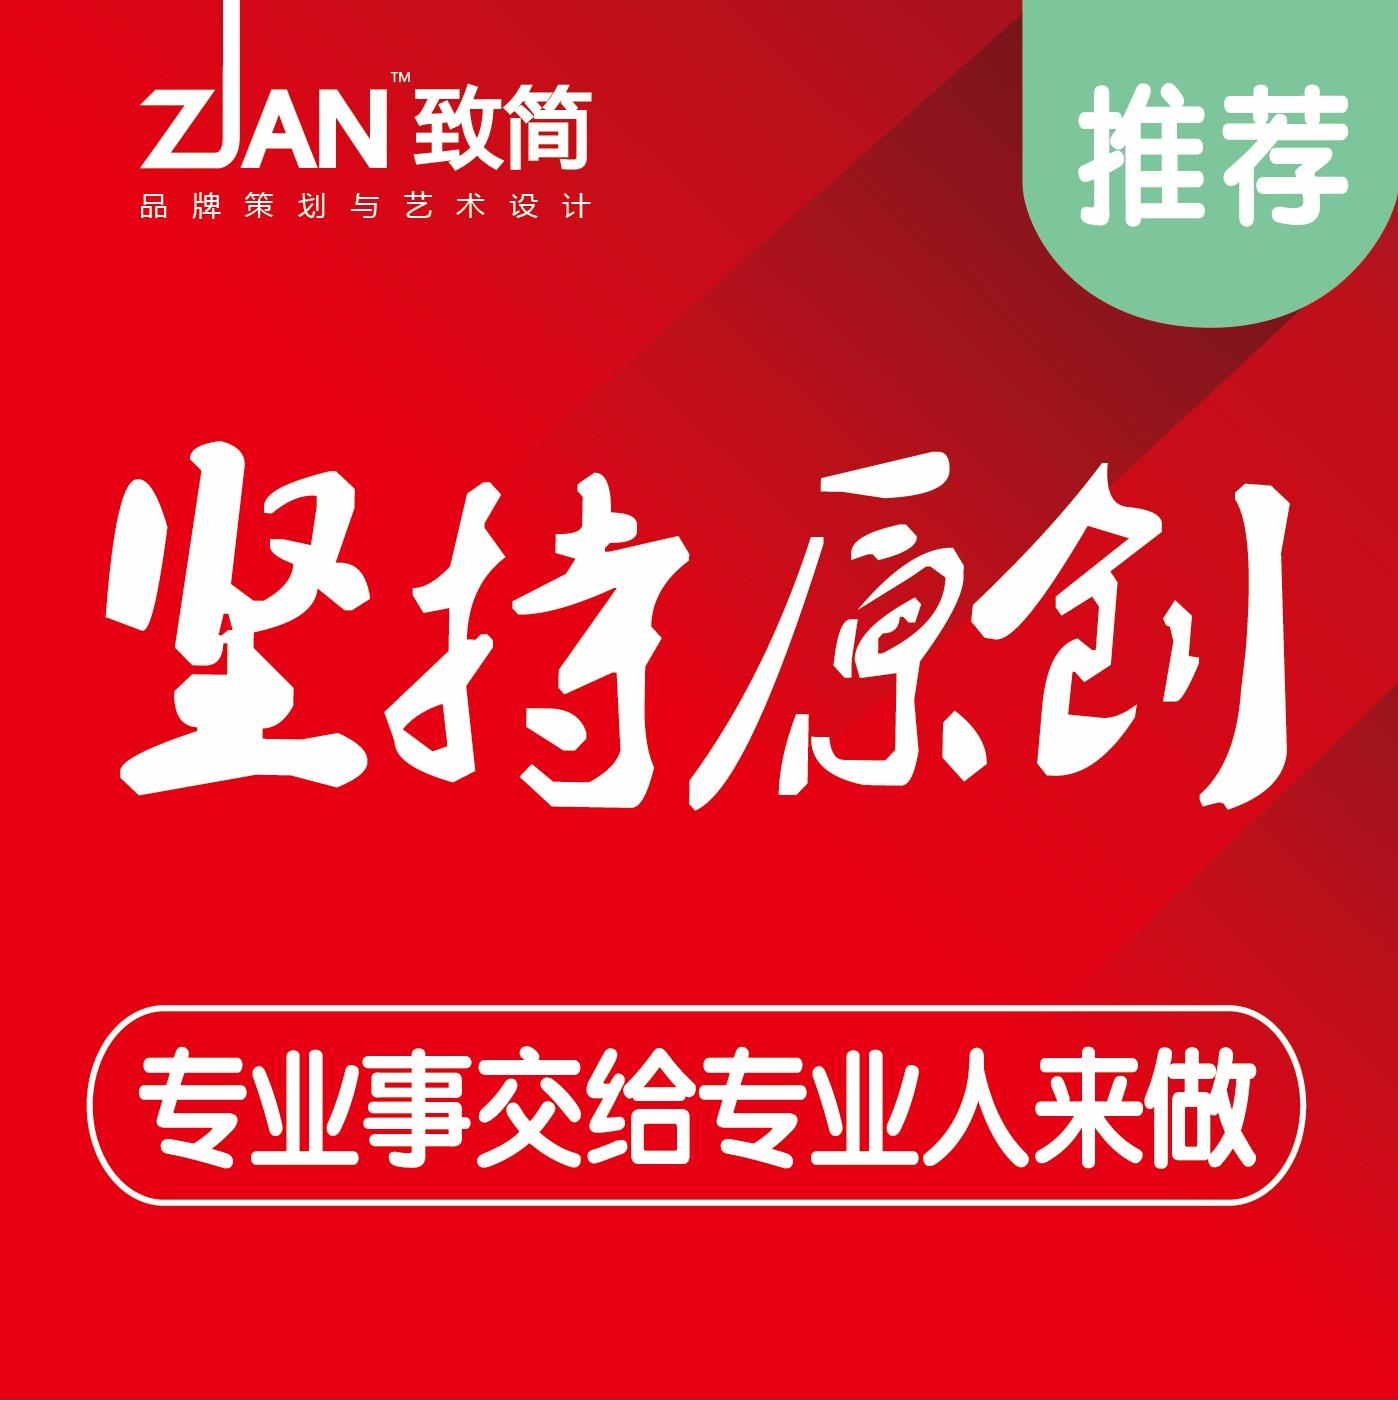 【致简logo设计】奶粉藕粉蛋白质粉芝麻糊奶制品产品企业公司